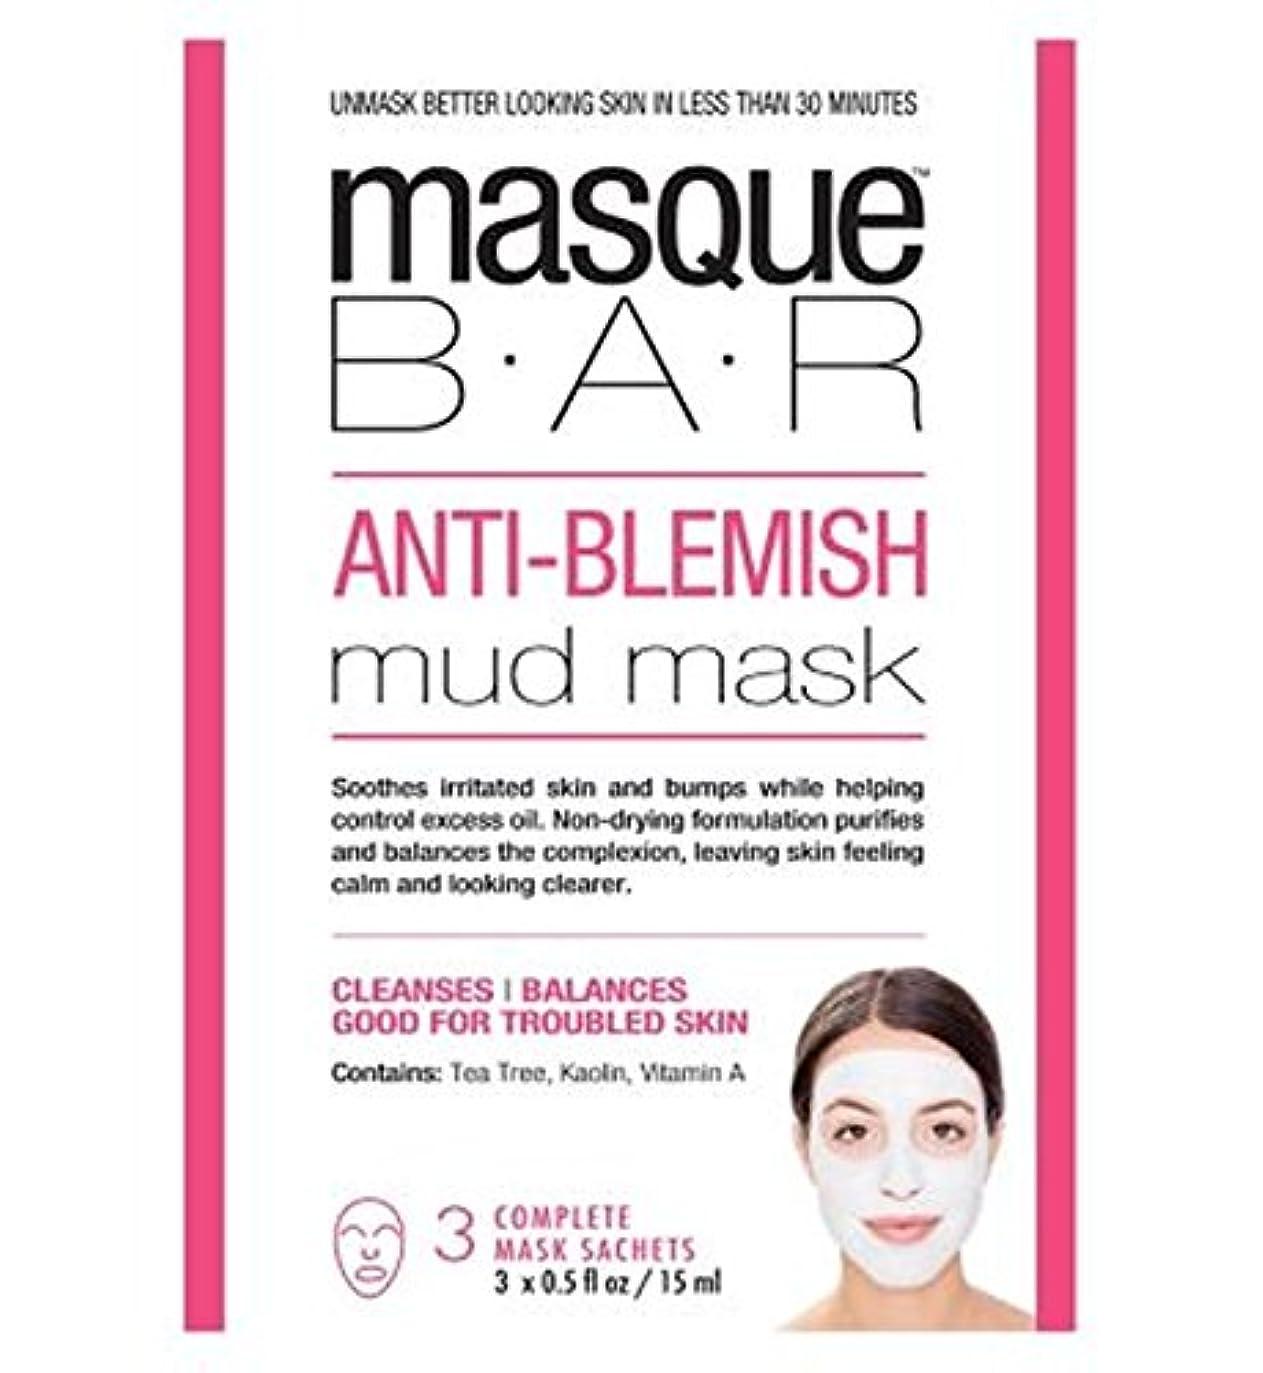 後継保守可能百科事典仮面劇バー抗傷泥マスク - 3S (P6B Masque Bar Bt) (x2) - Masque Bar Anti-Blemish Mud Mask - 3s (Pack of 2) [並行輸入品]